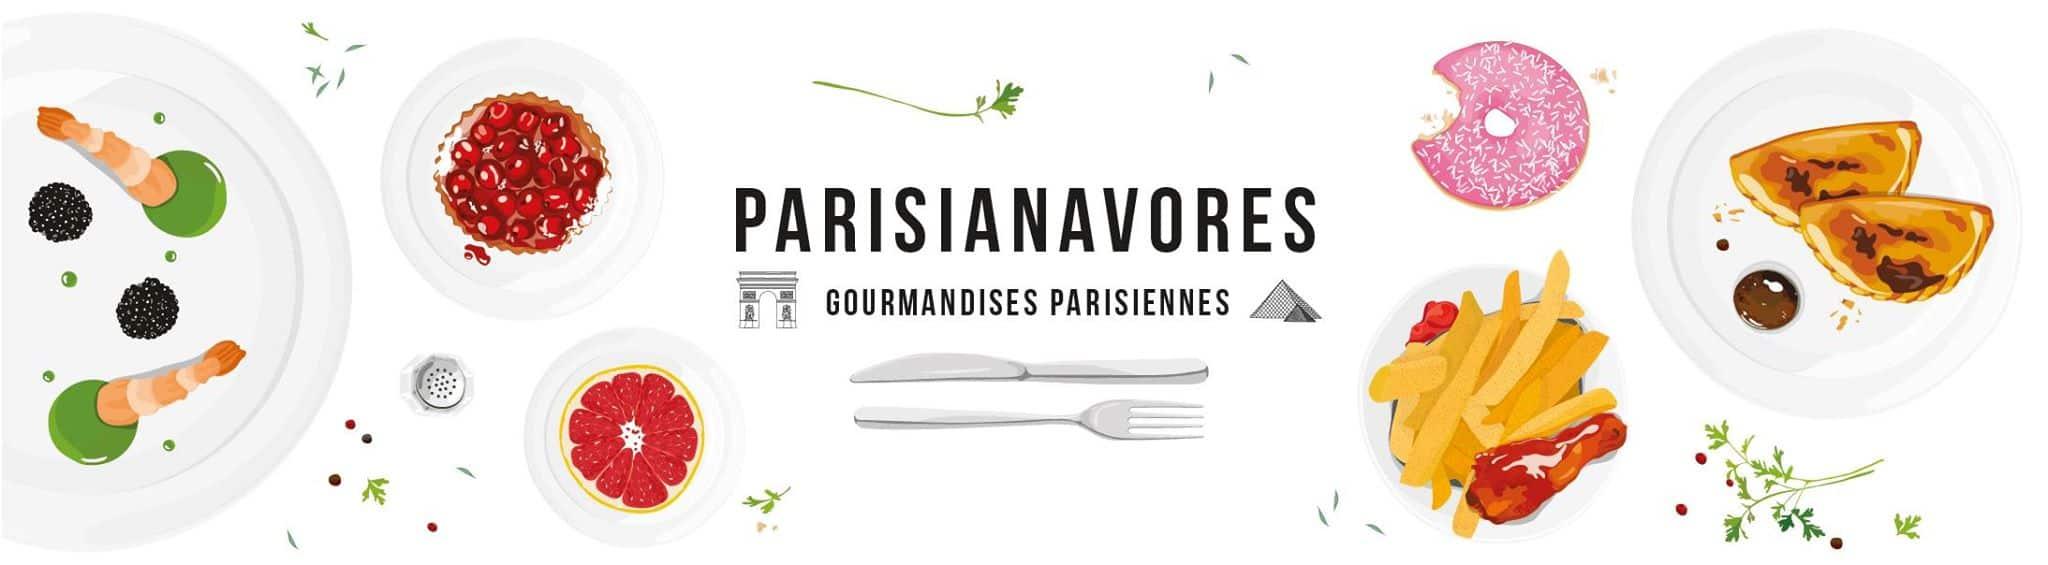 parisianavores-restaurant-paris